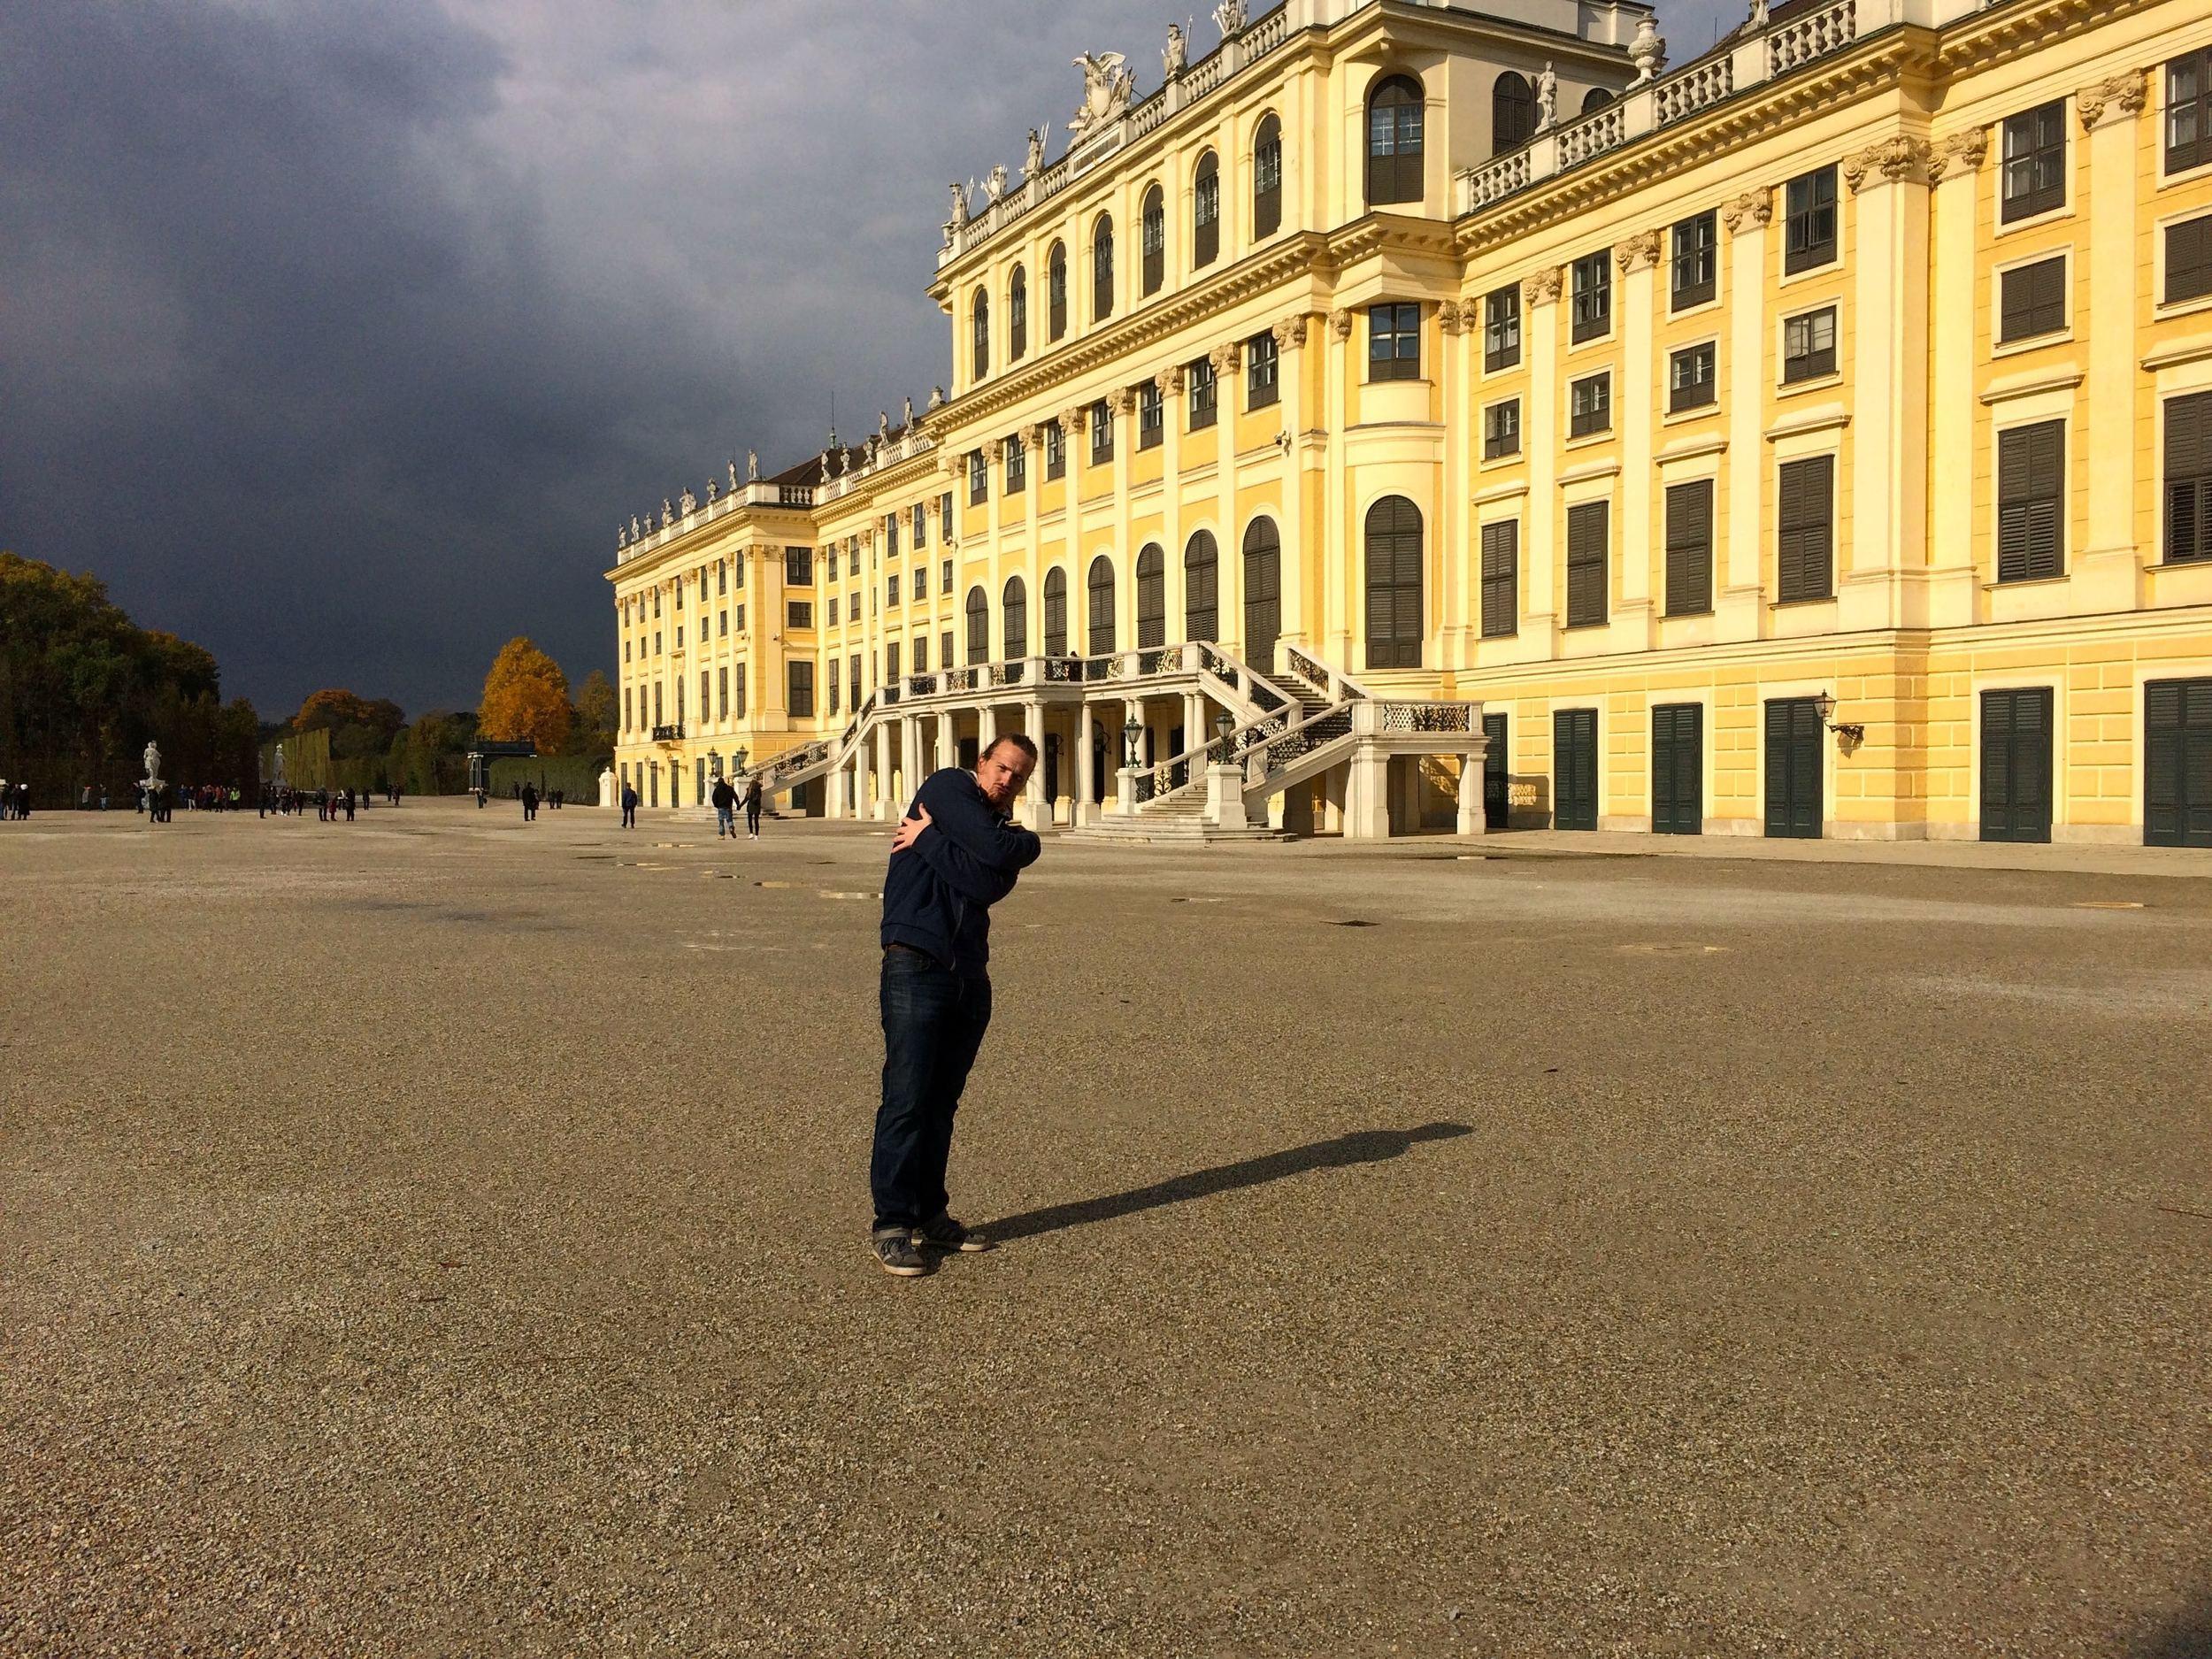 B-boyin' at the Schönbrunn.